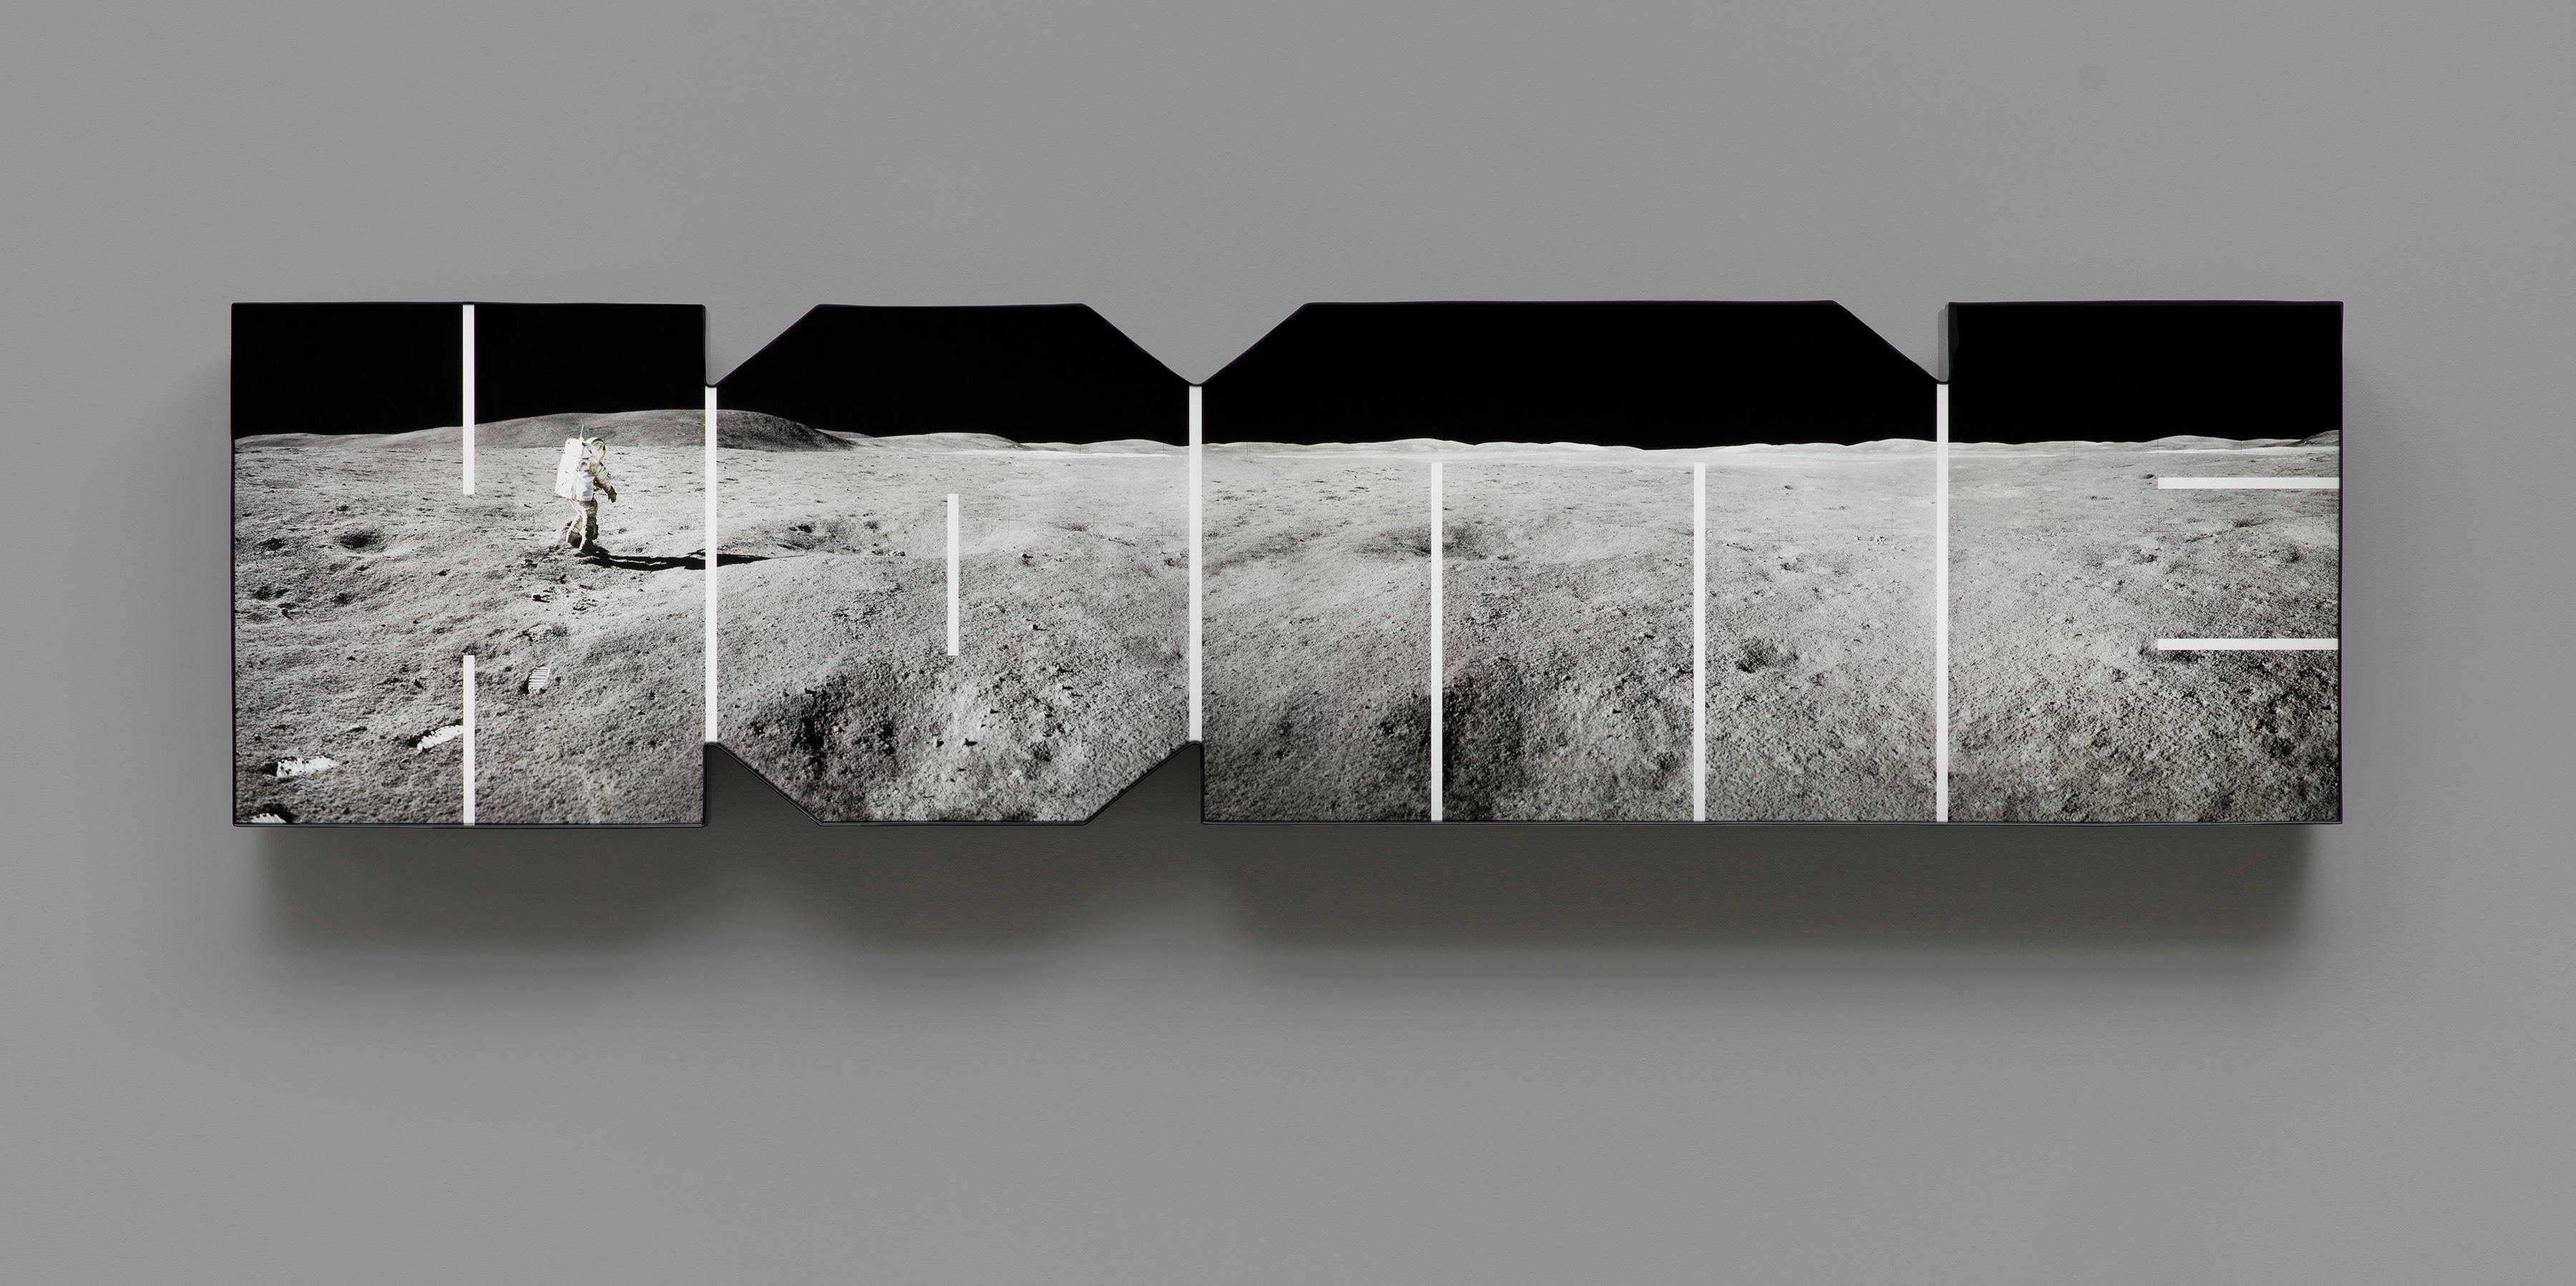 Home, 2014 Doug Aitken